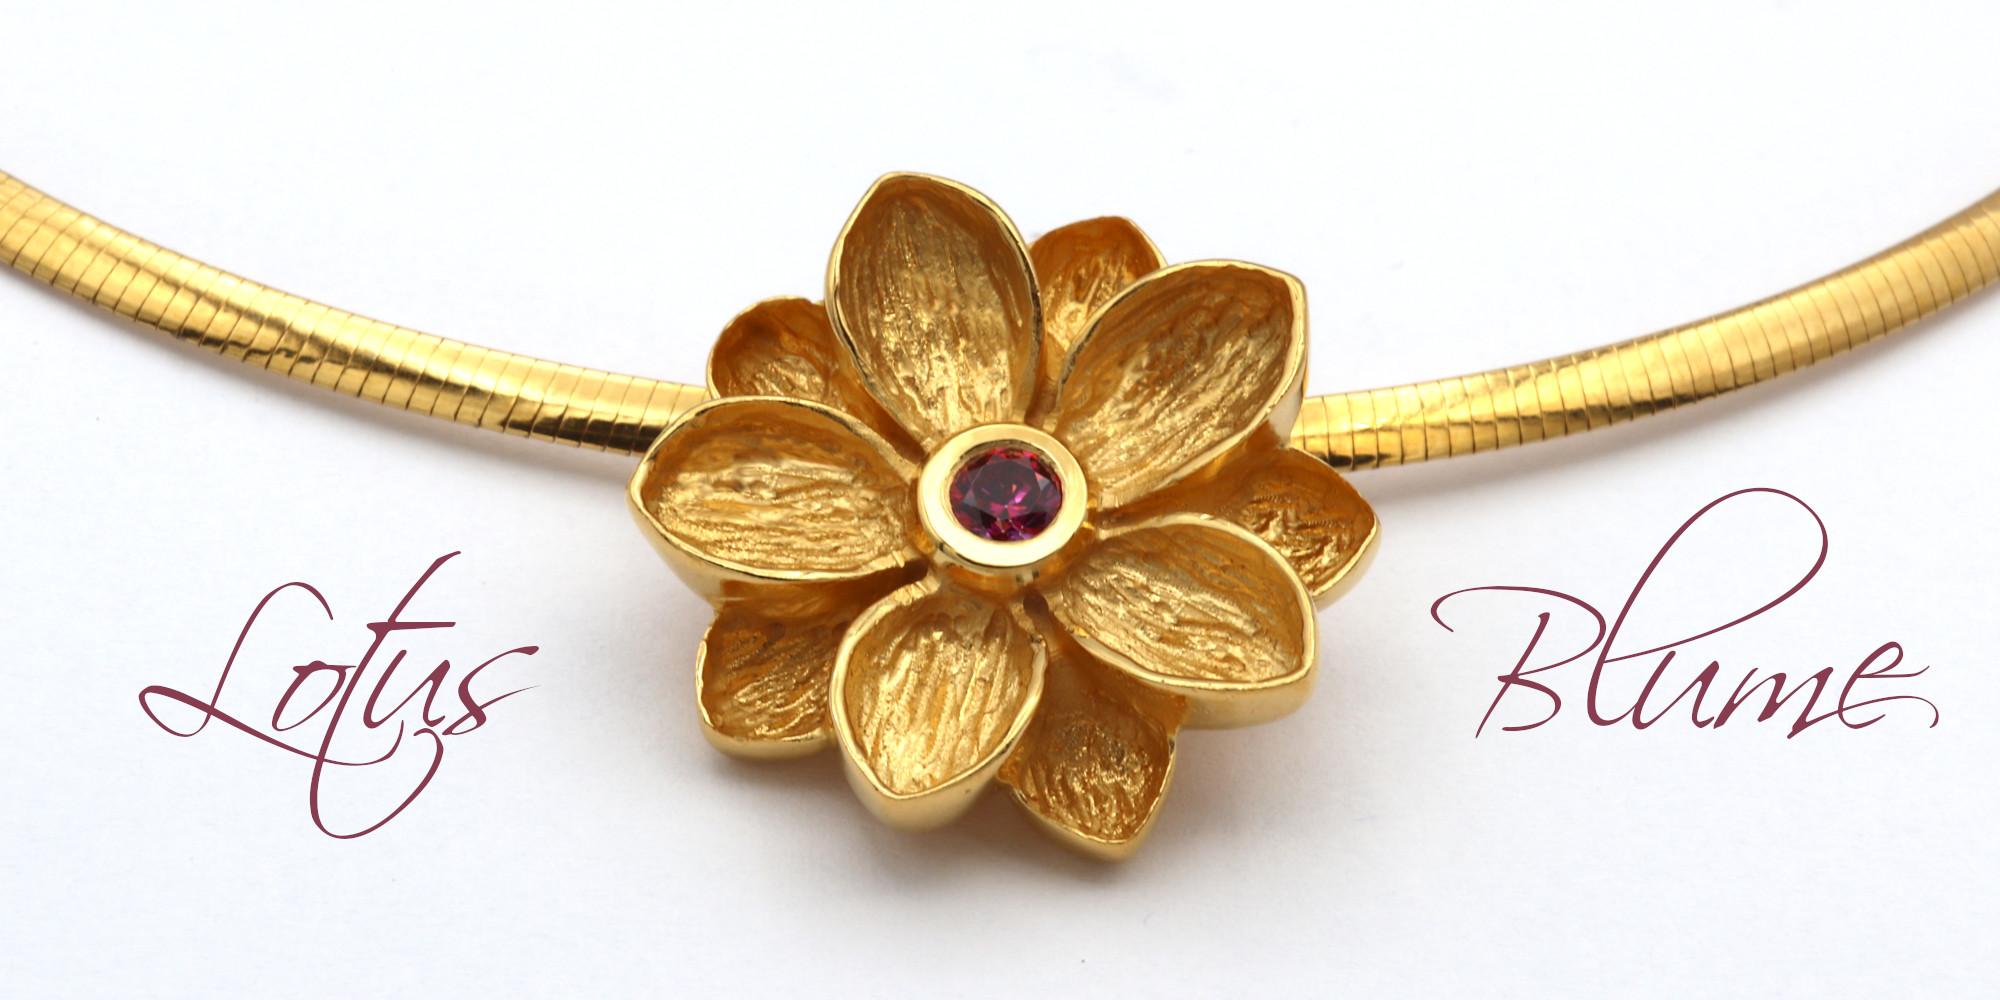 id625 Lotusblume Silber vergoldet mit Rubin Goldschmiede Mace